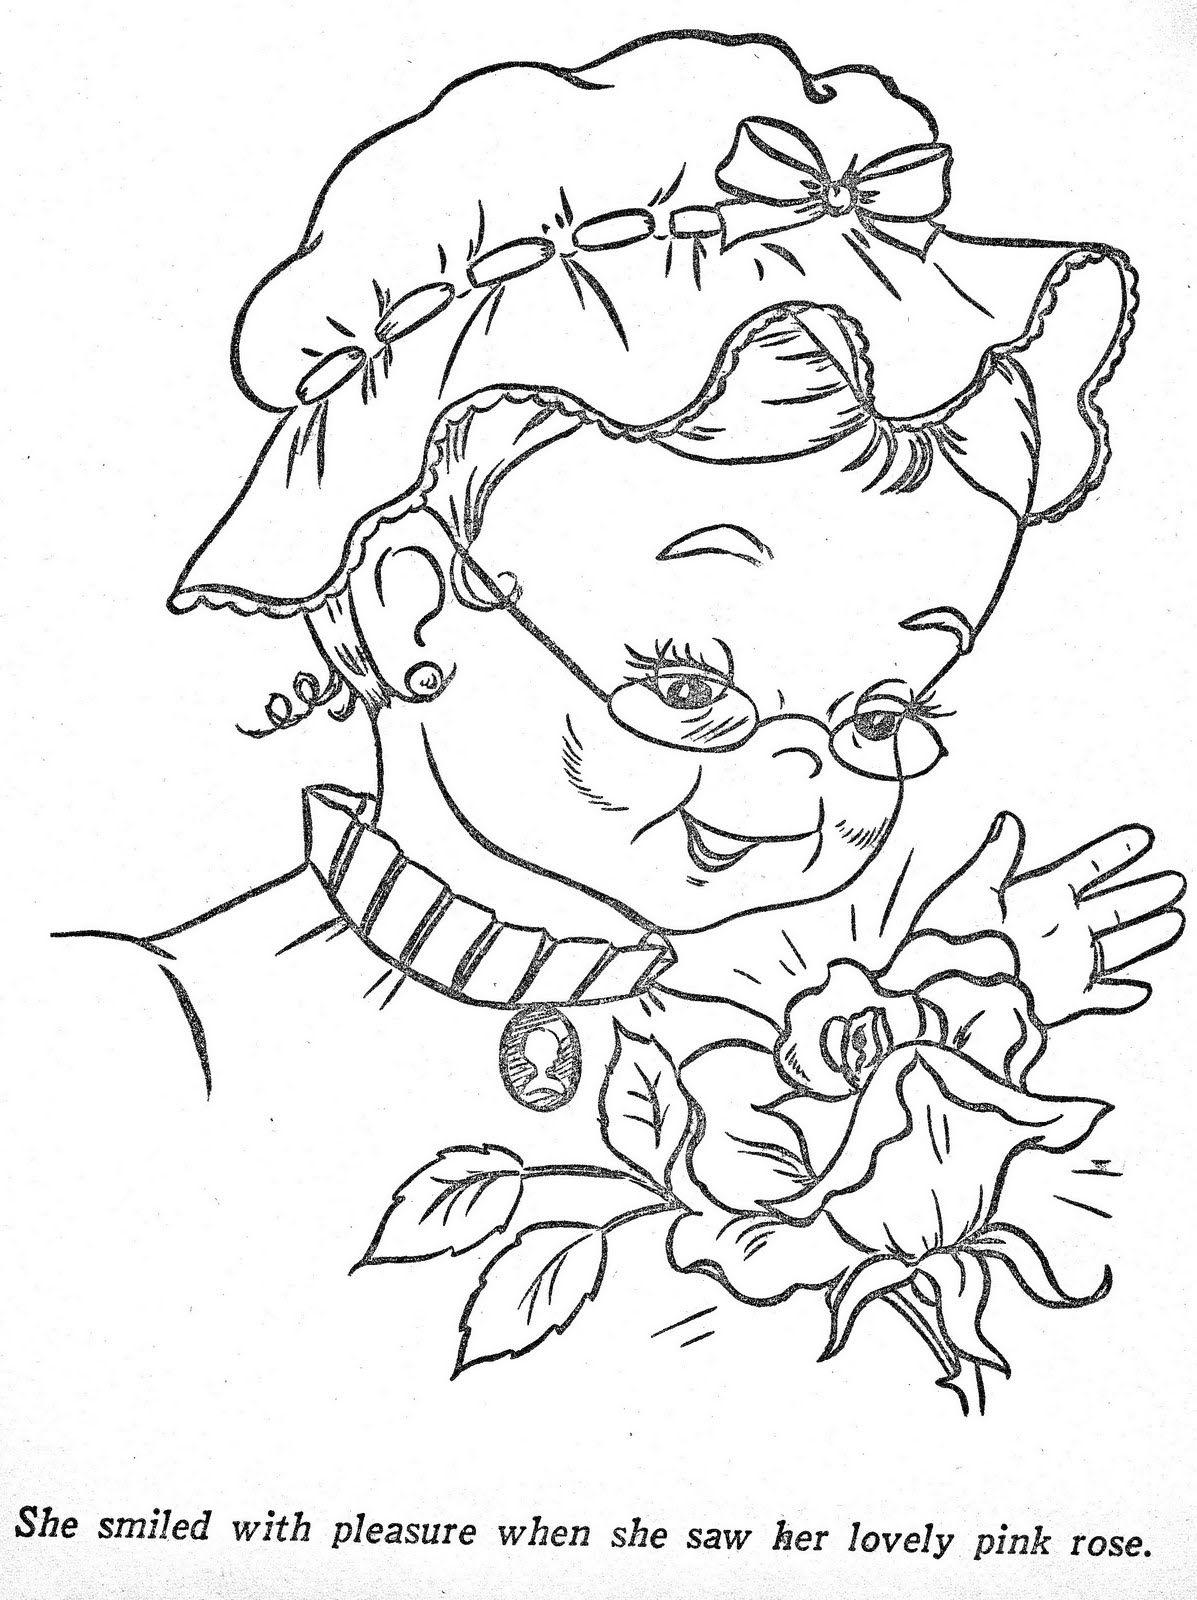 Coloring Pages: Happy Elf | elves & fairies | Pinterest | Elves ...